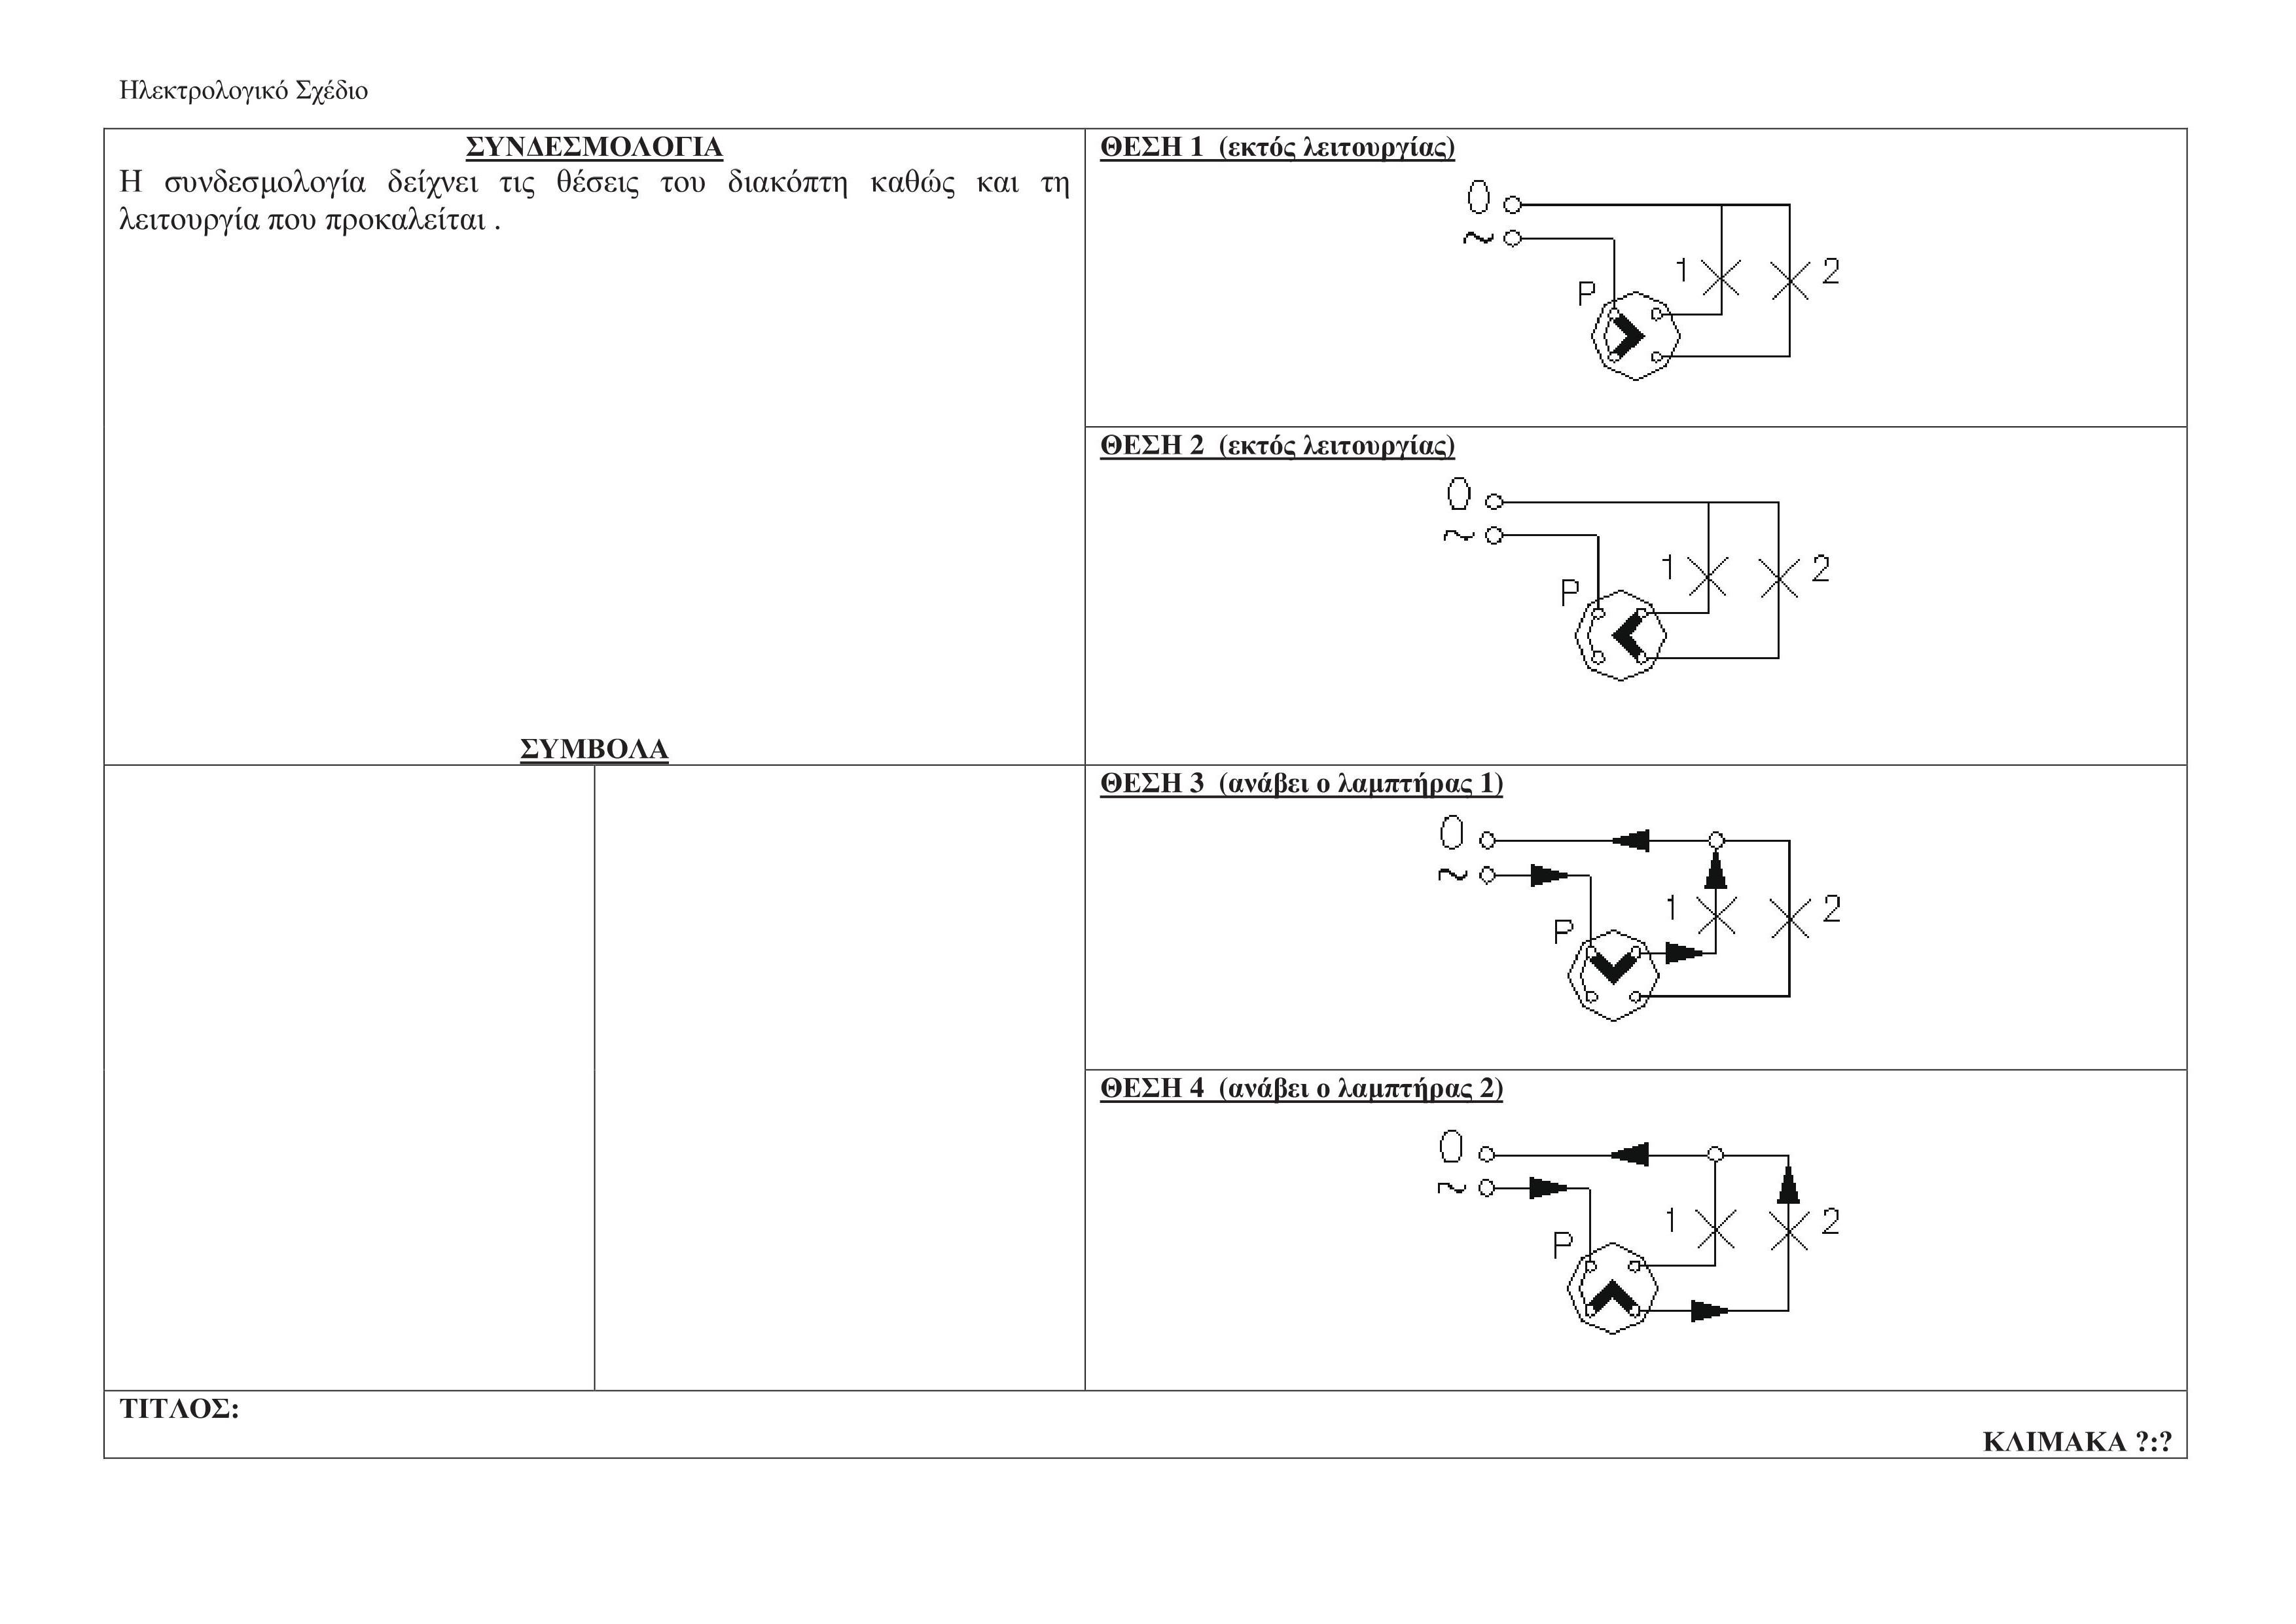 Ηλεκτρολογικό Σχέδιο 3